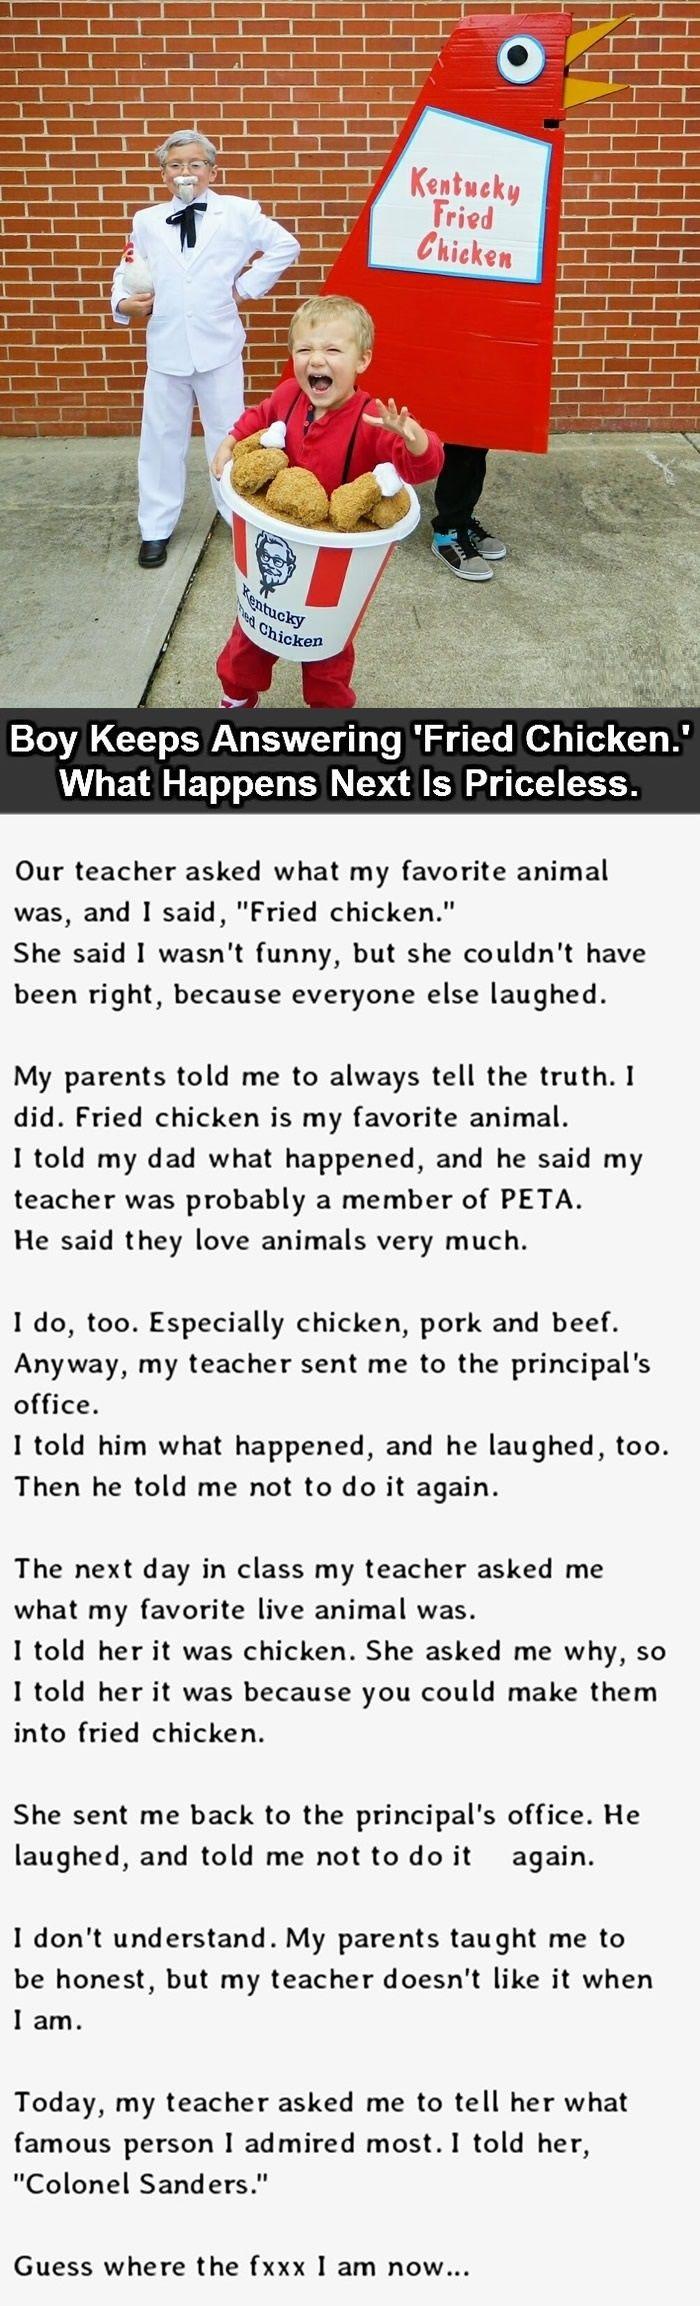 When you love chicken